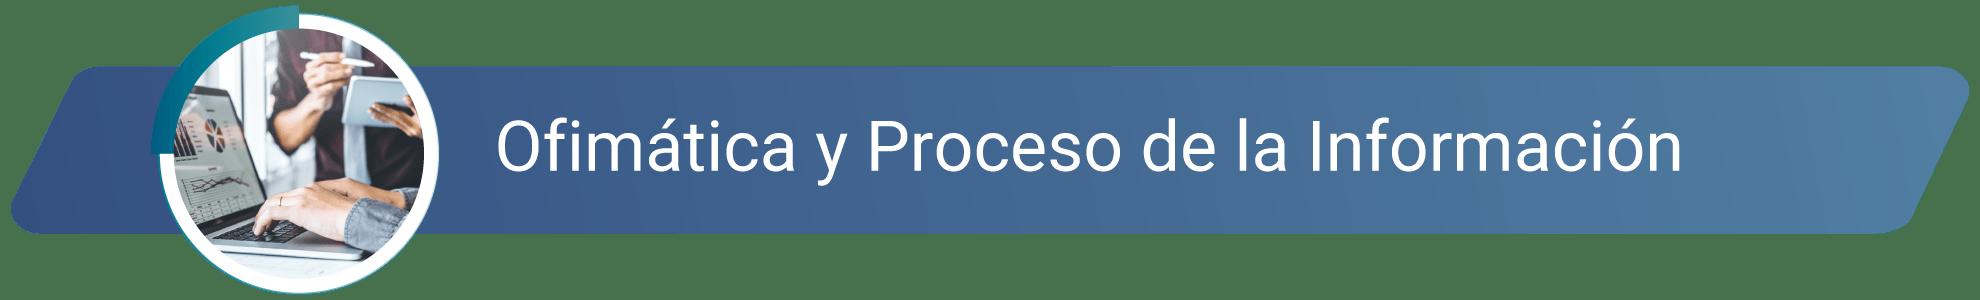 ofimatica-y-proceso-de-la-informacion